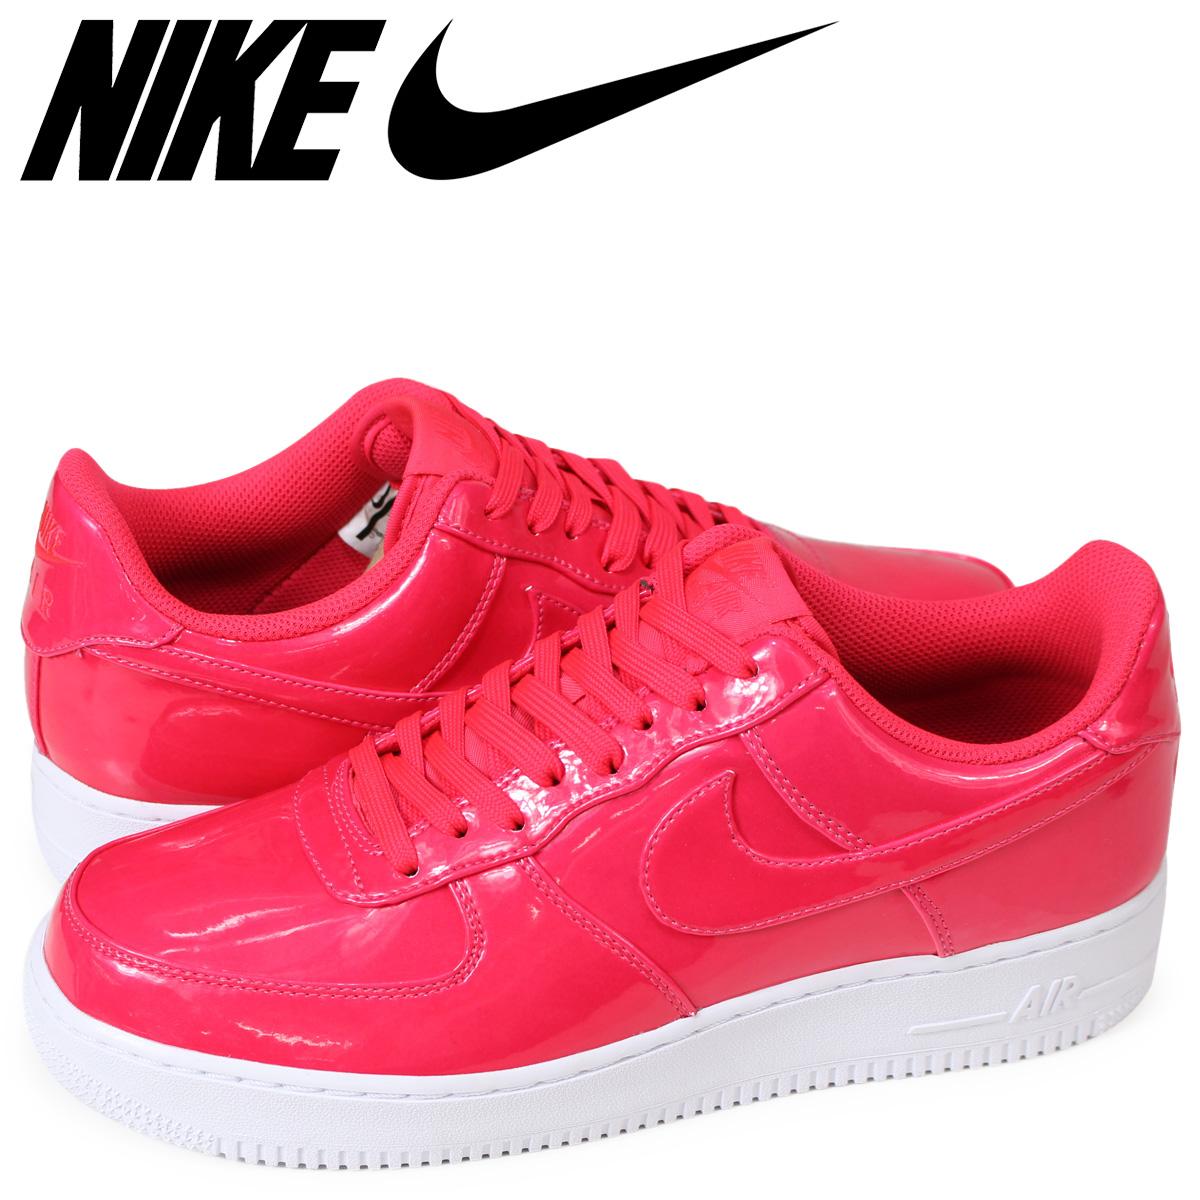 Uv 07 600 Men Force Lv8 Nike Air Sneakers Red 1 Aj9505 KJlFT1c3u